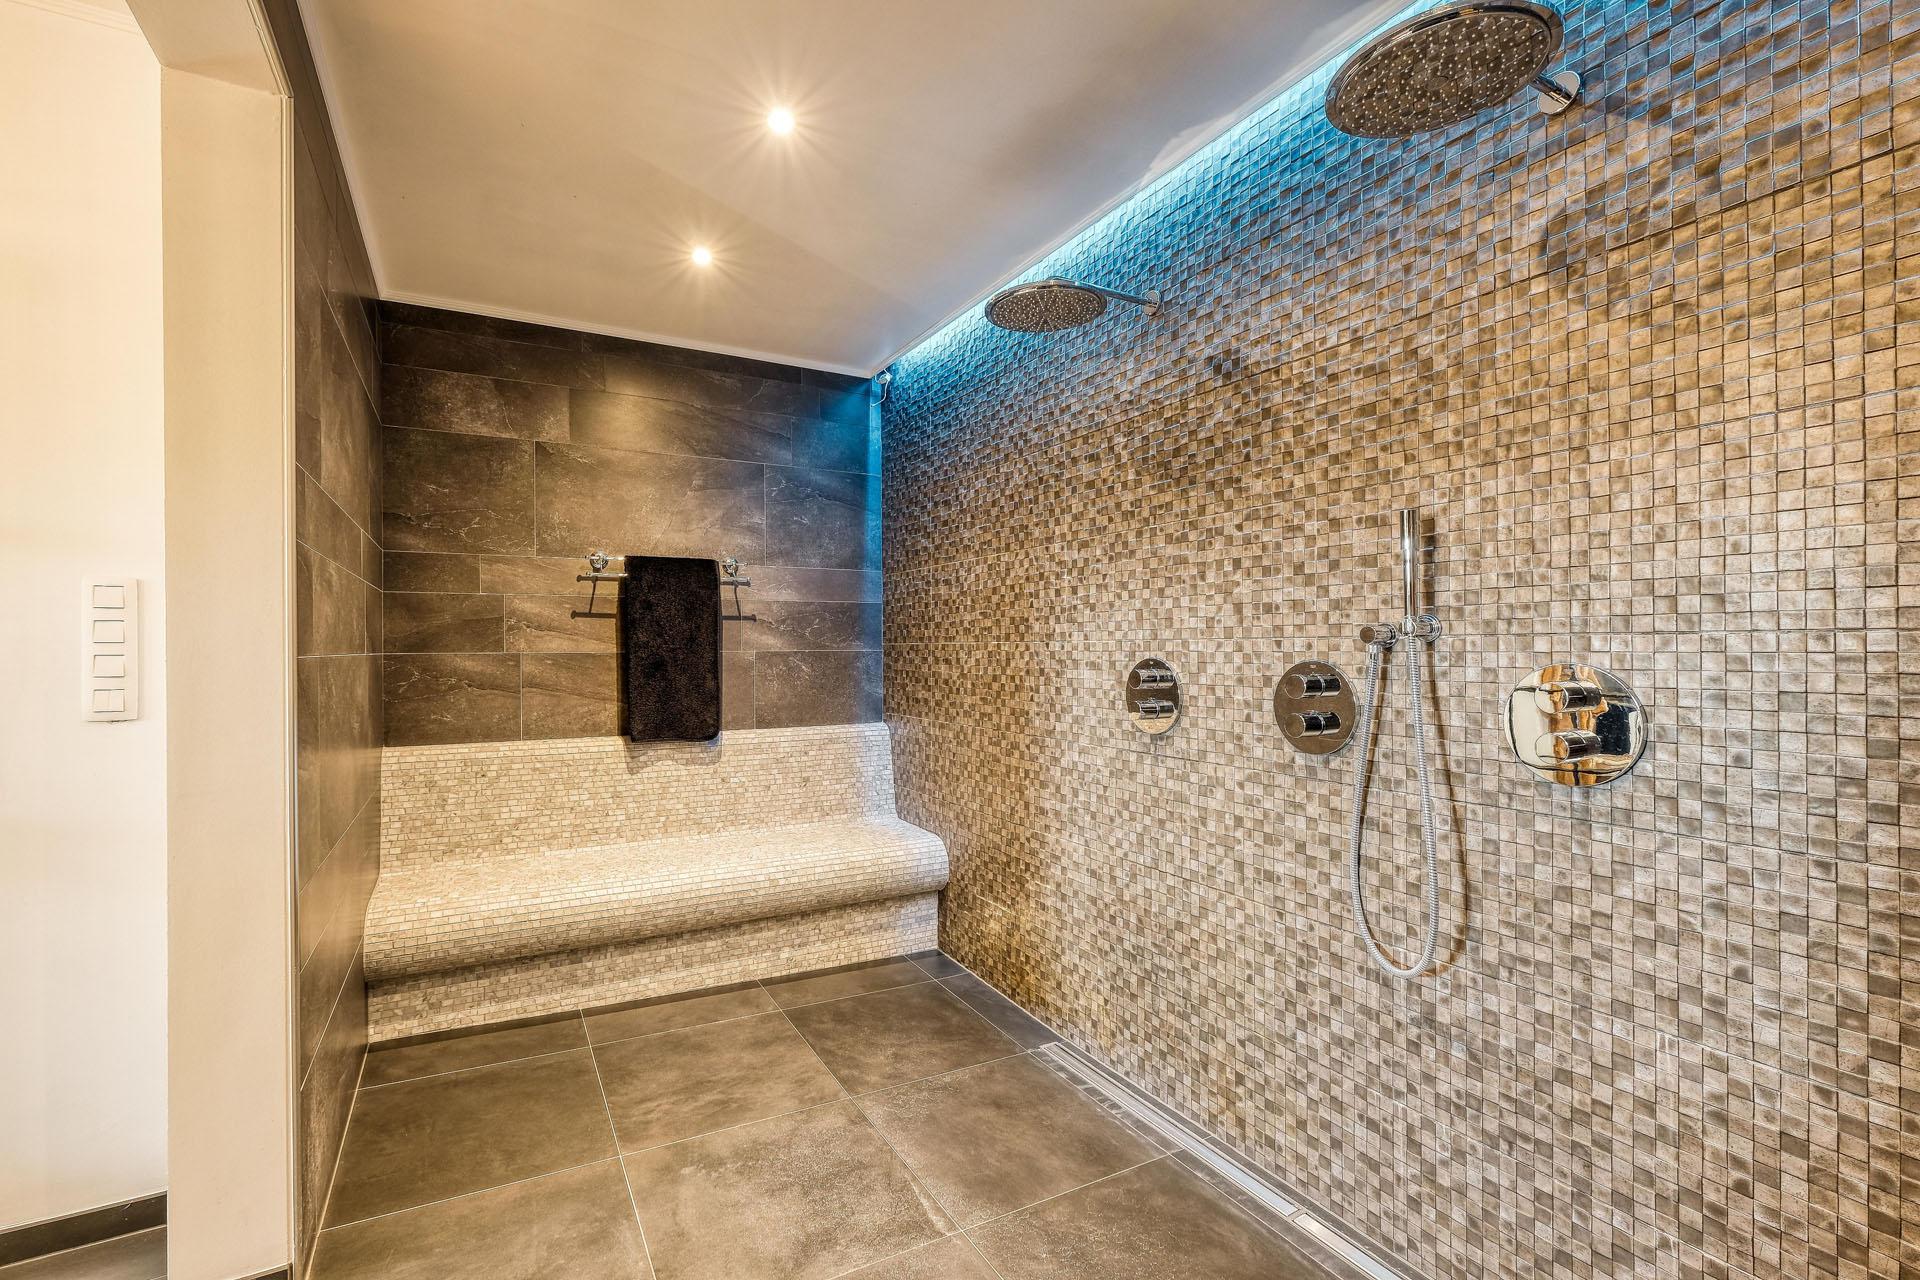 B&W Badkamers   Badkamers en badkamerrenovatie in Heist-op-den-Berg   Inloopdouche met SPA-gevoel